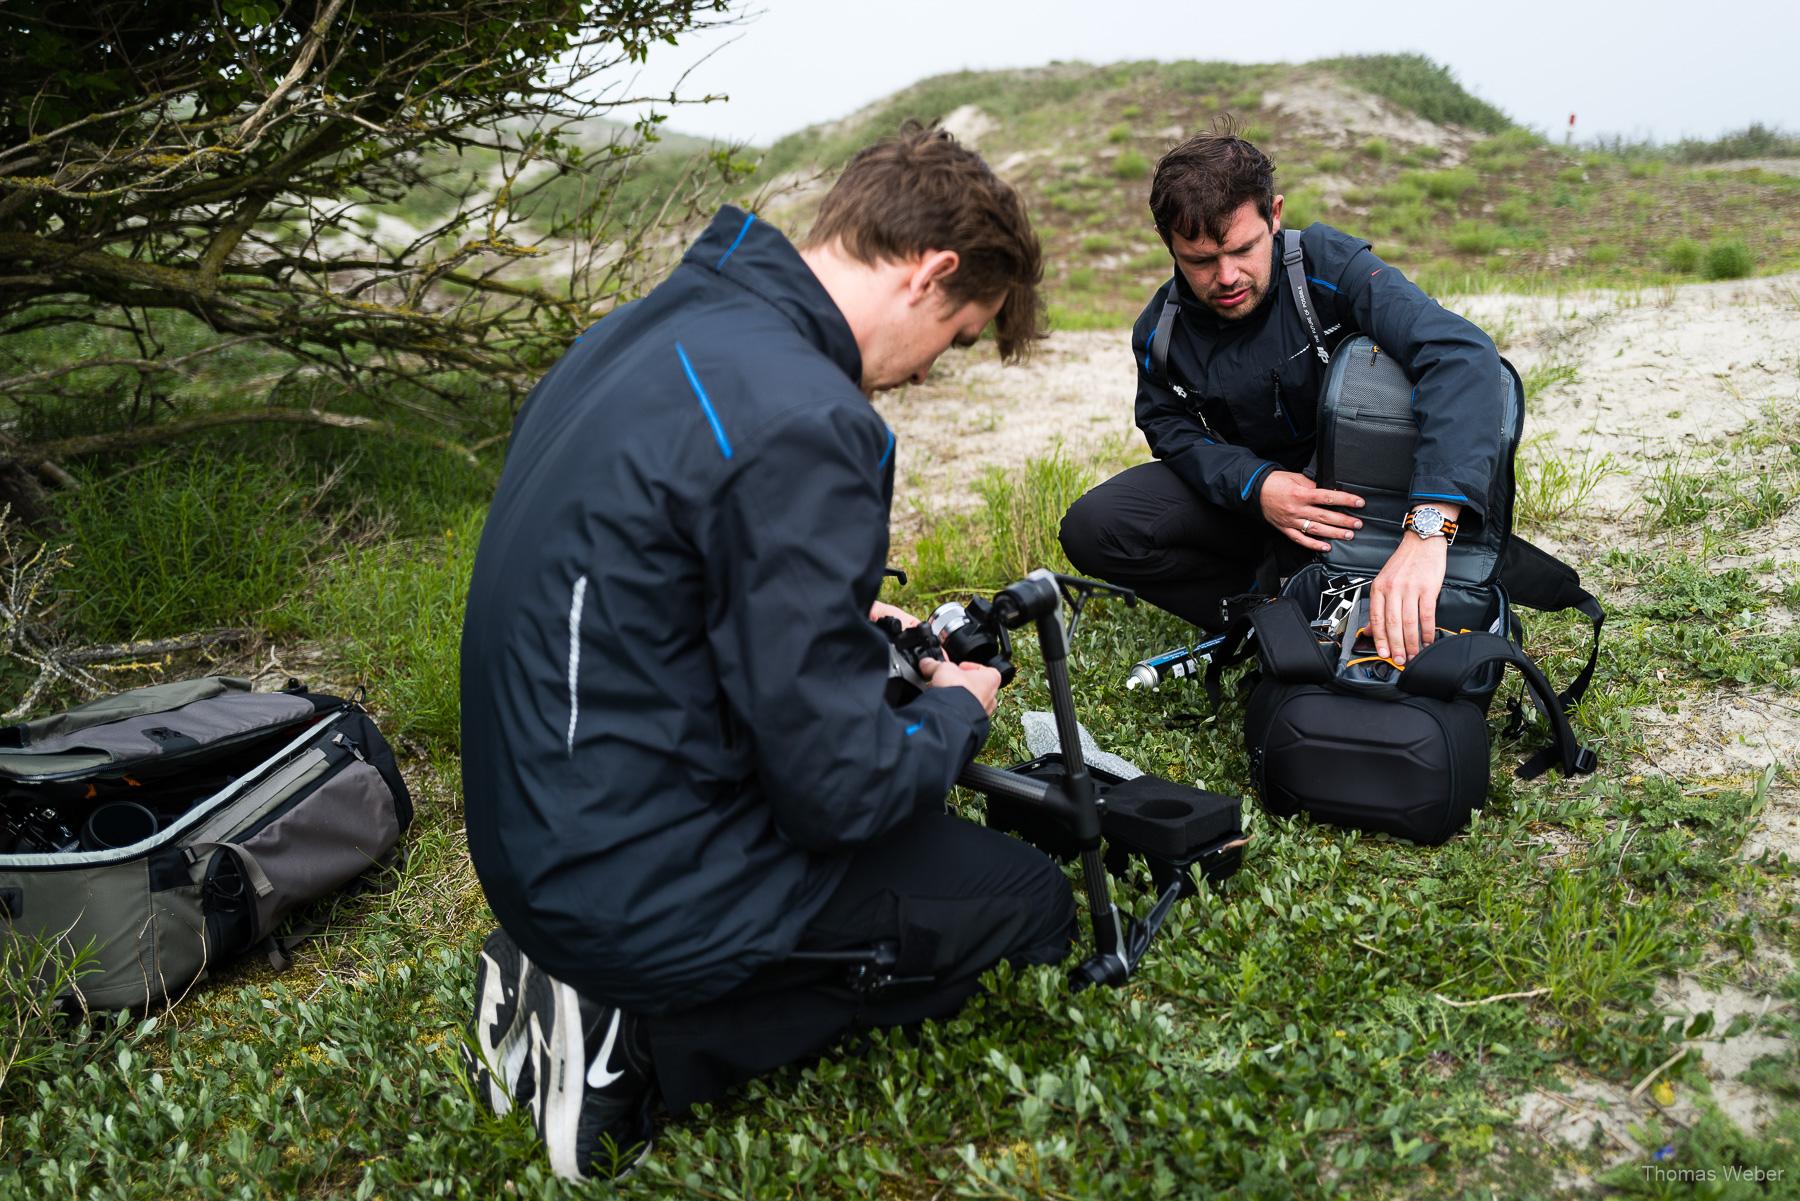 Filmdreh auf Norderney, Steffen Löffler und Thomas Weber